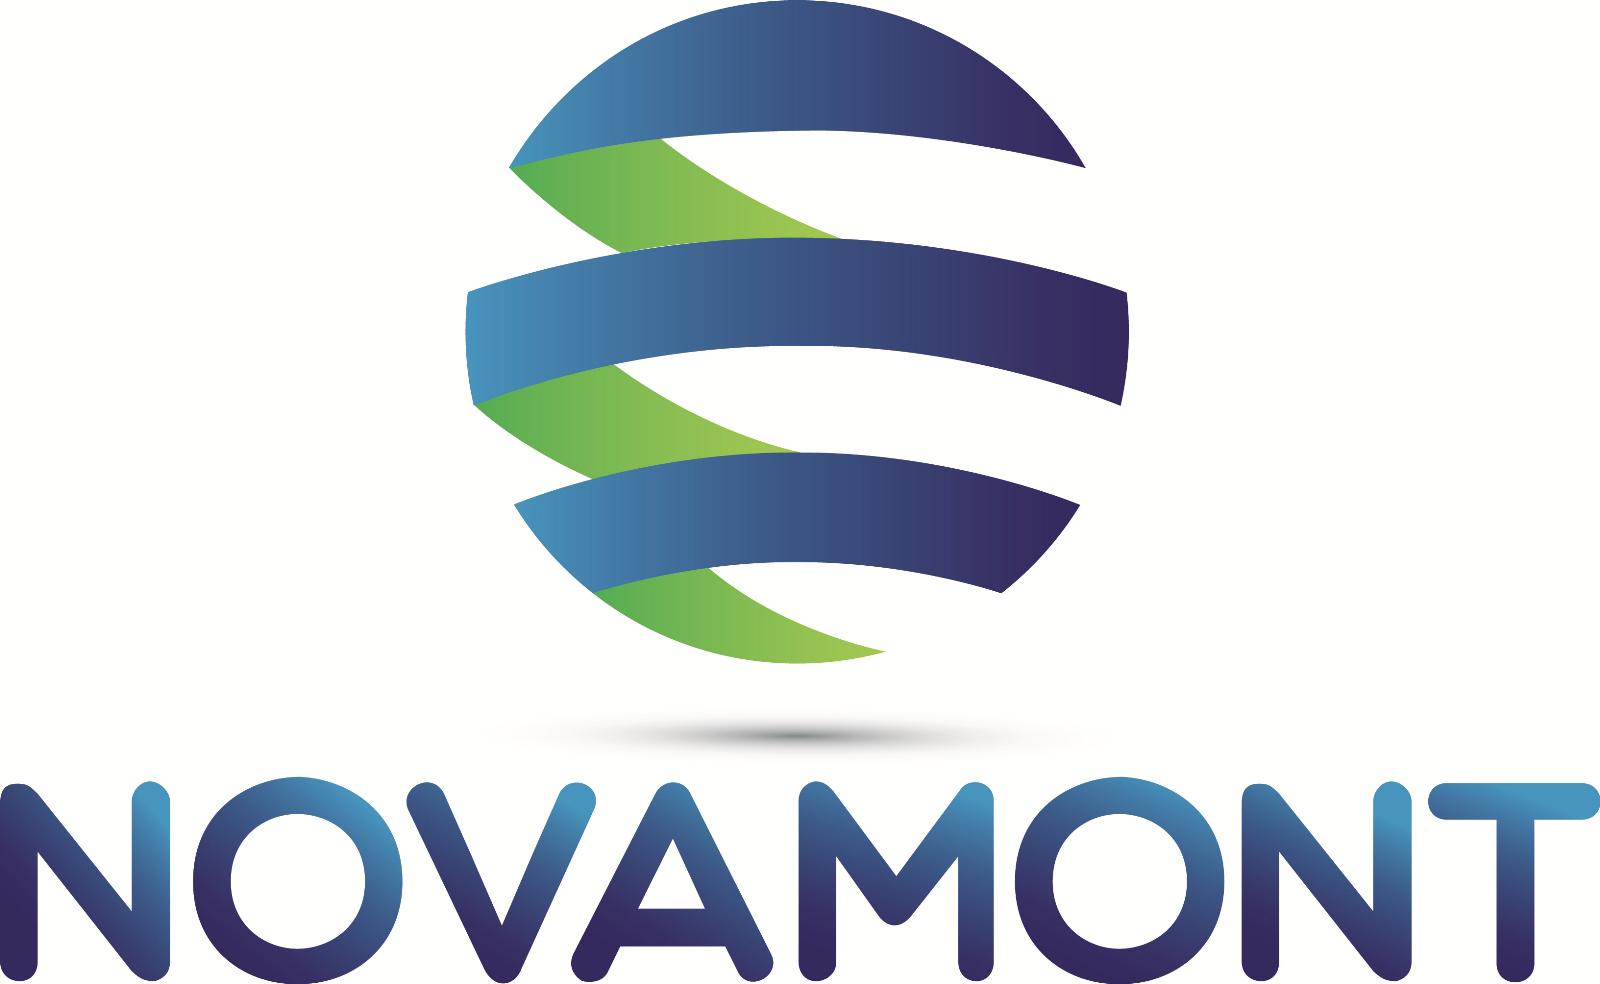 Per la Novamont un'immagine che sintetizza il dna dell'azienda